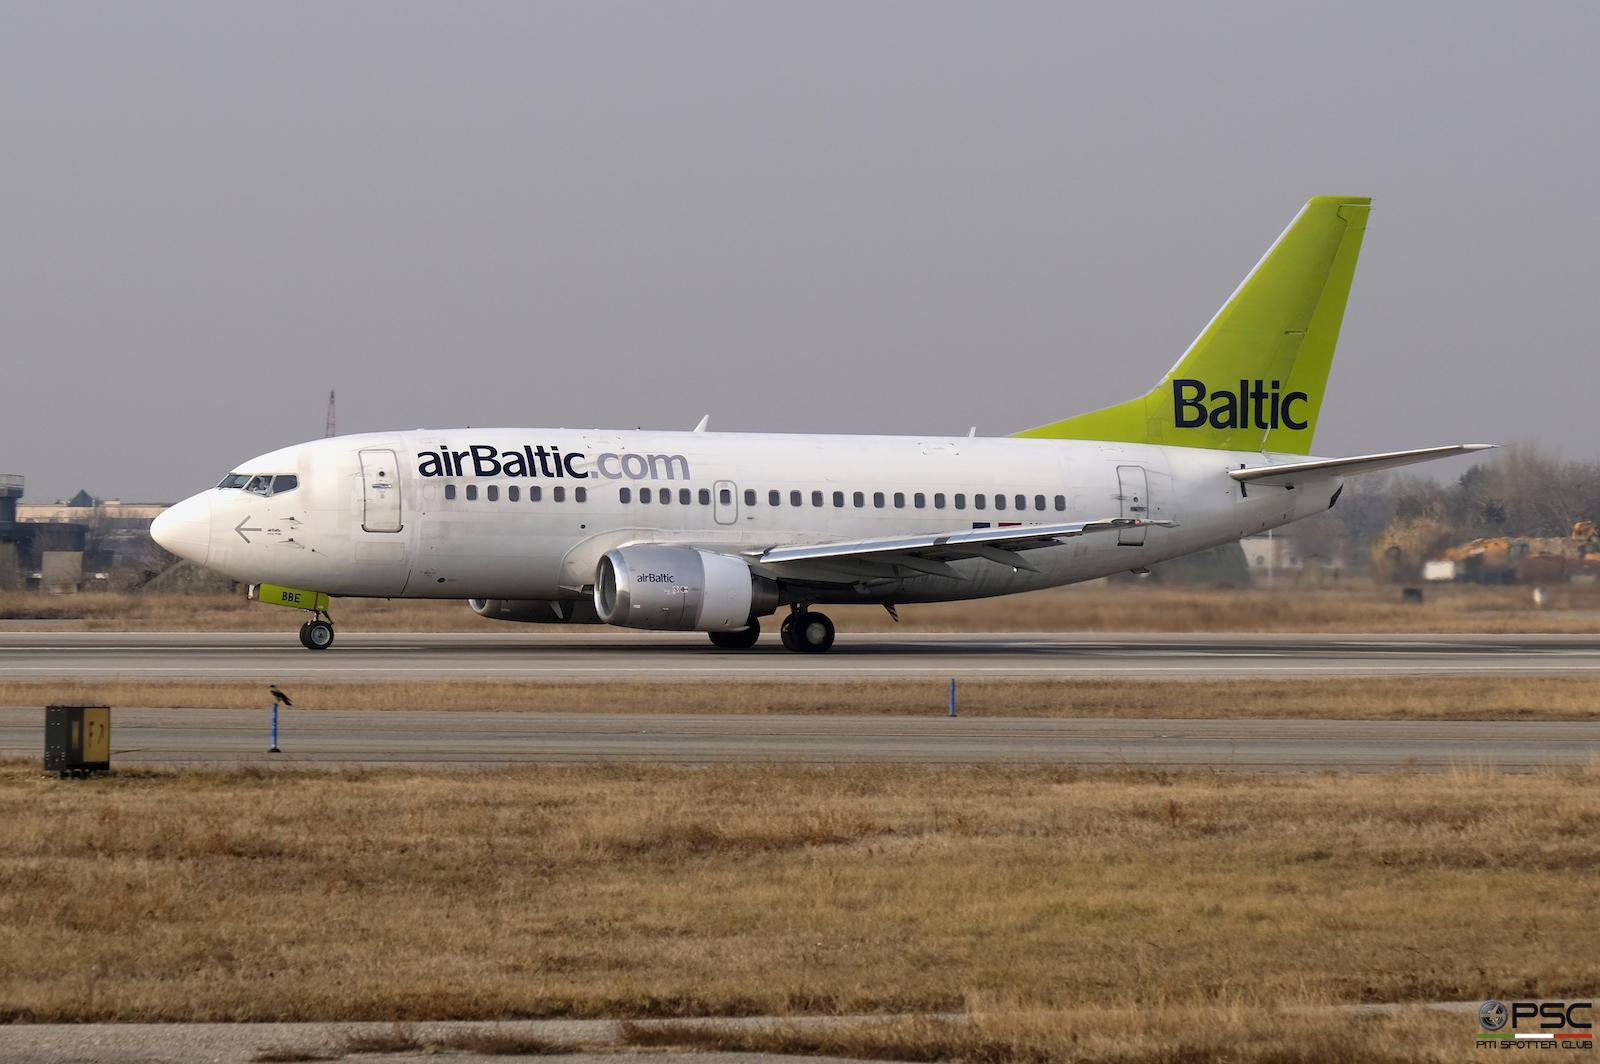 YL-BBE B737-53S 29073/3083 airBaltic @ Aeroporto di Verona - 28.01.2017  © Piti Spotter Club Verona